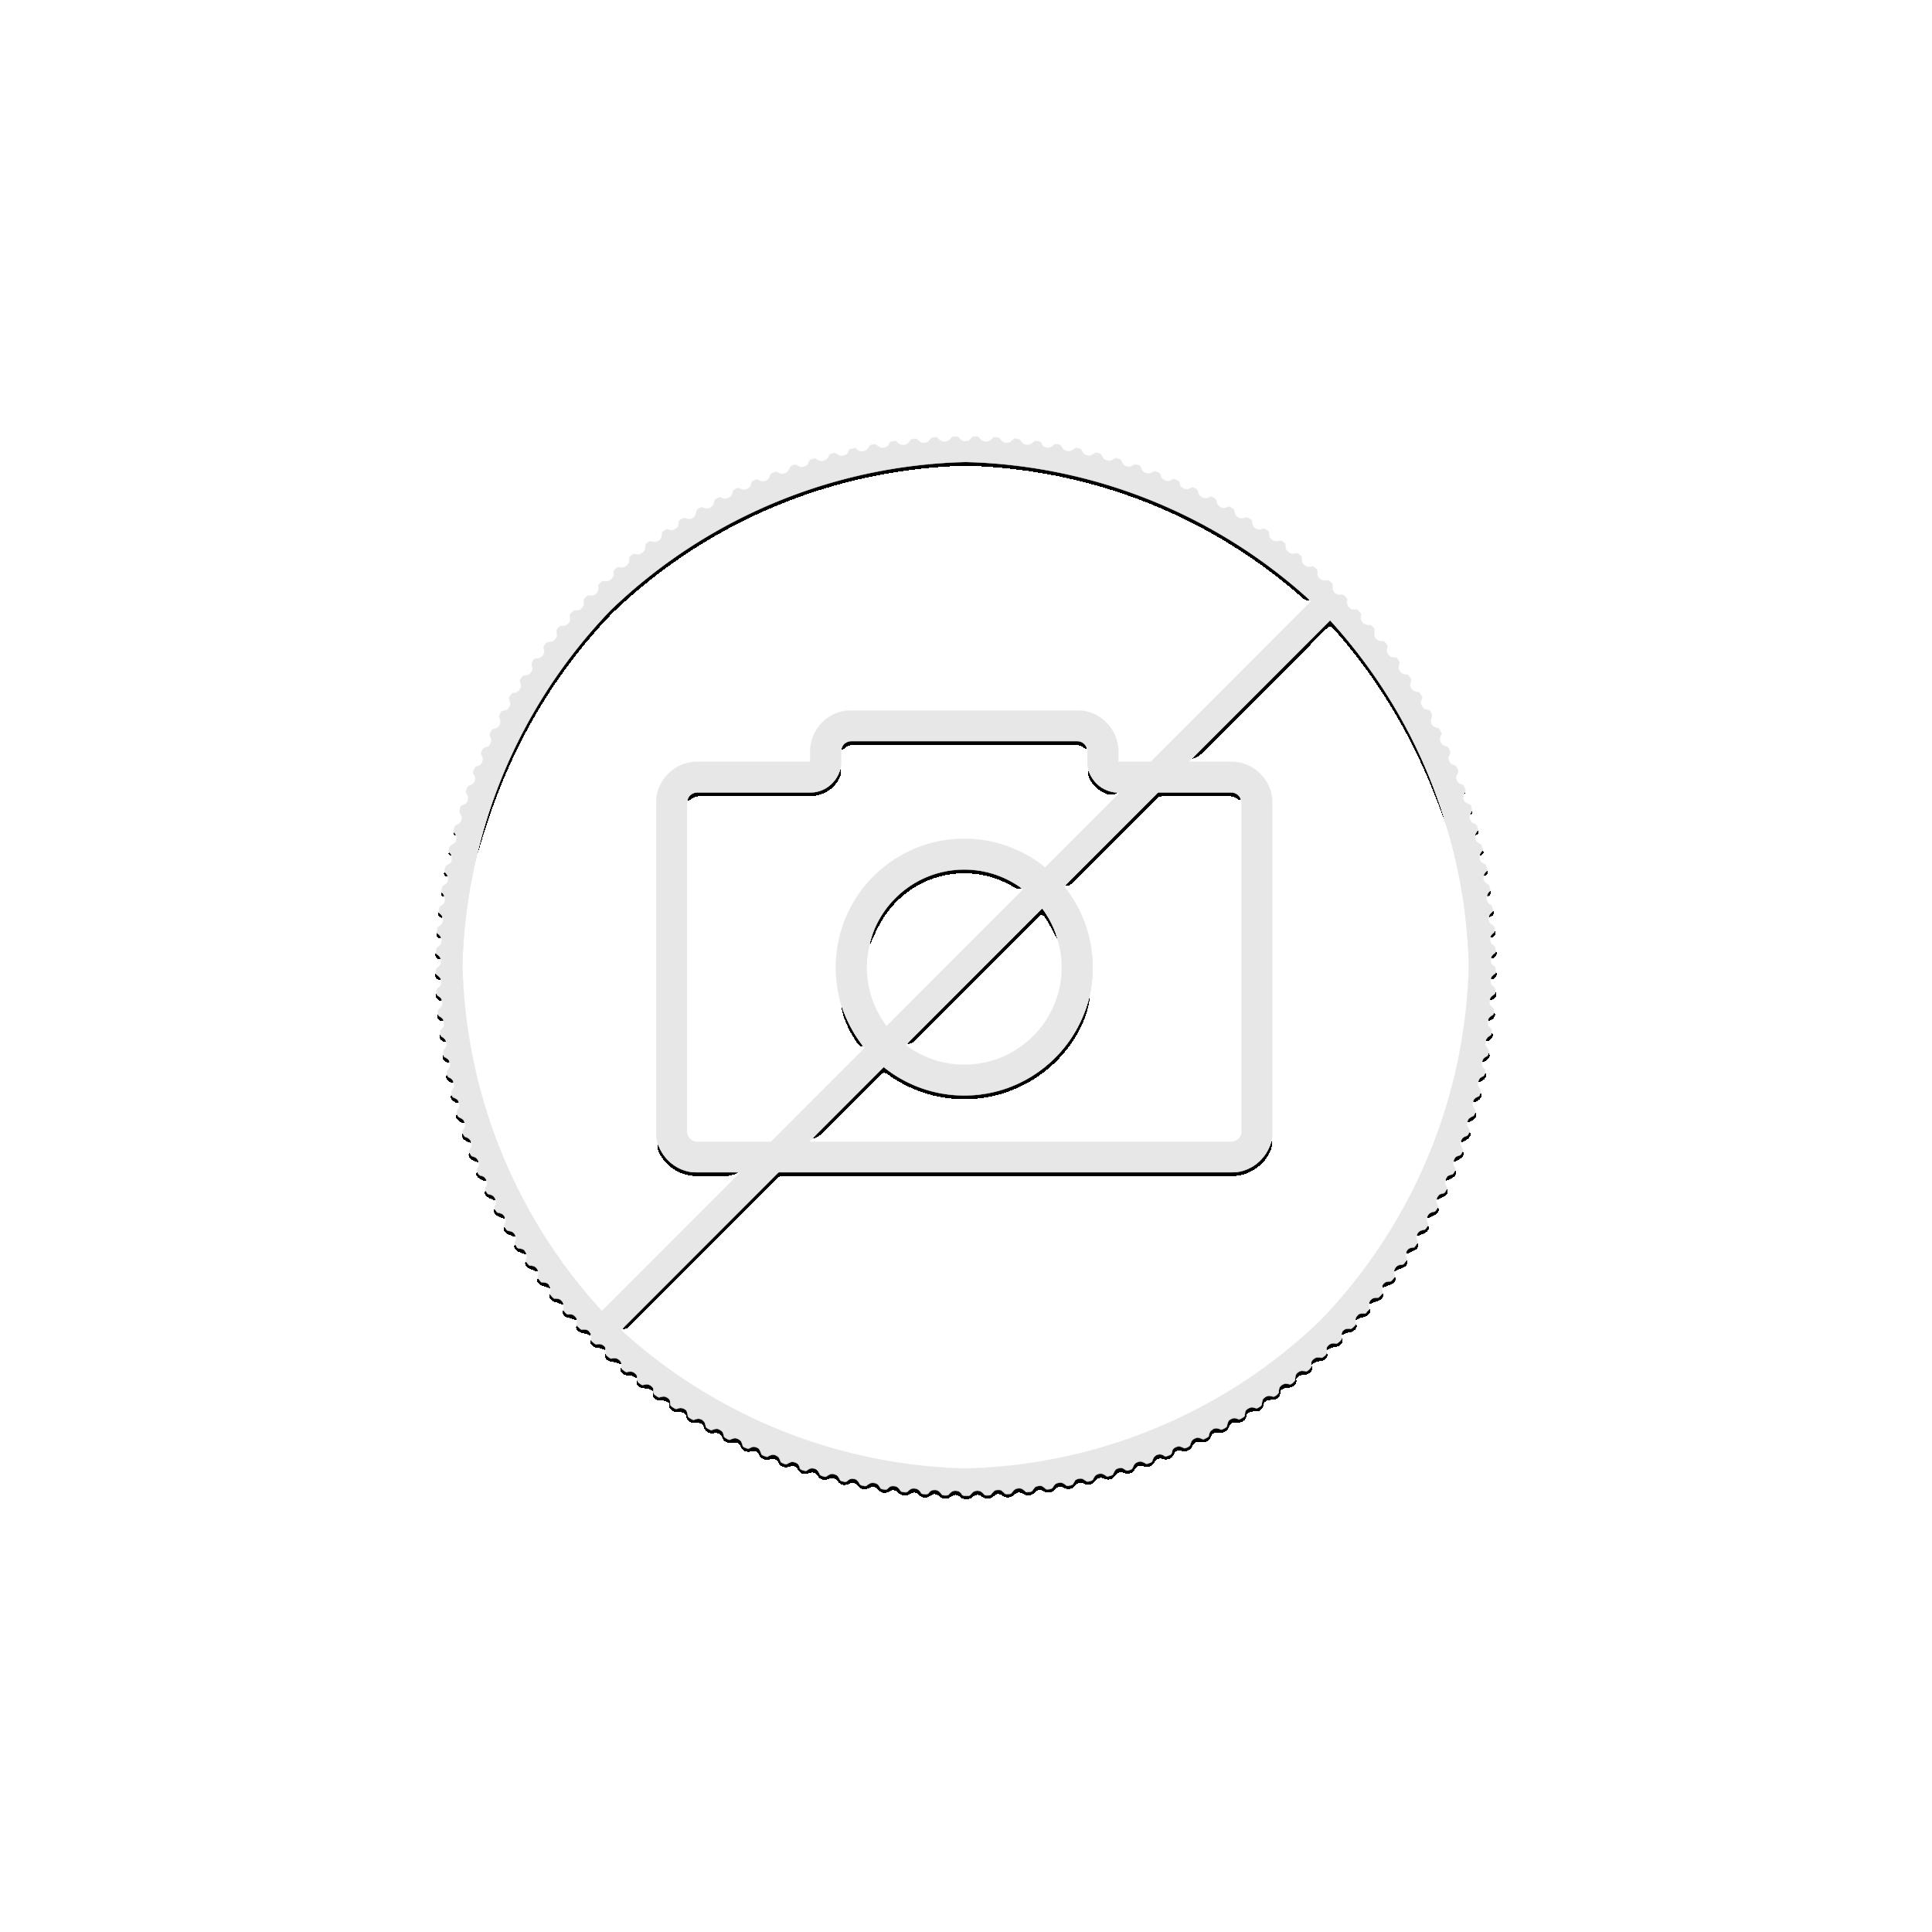 1 Troy ounce silver coin bar Rectangular Dragon 2019